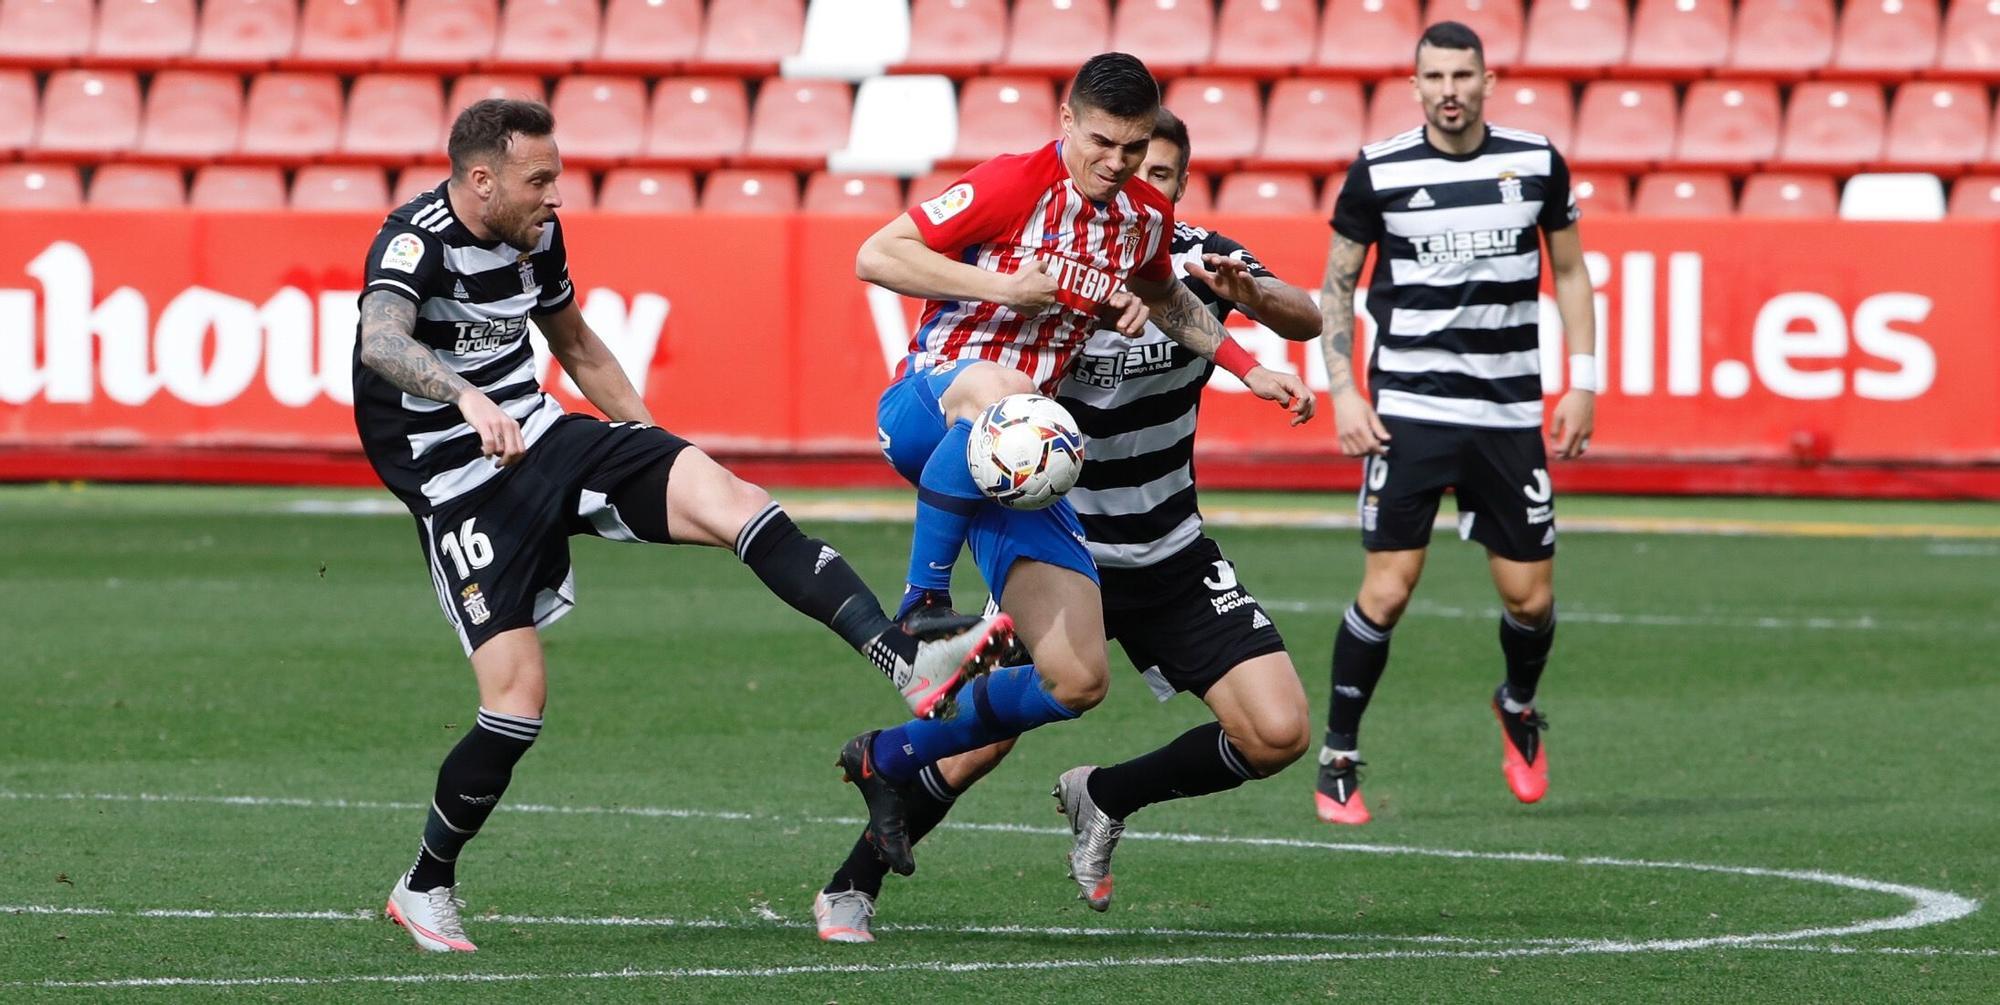 Sporting - Cartagena, en imágenes